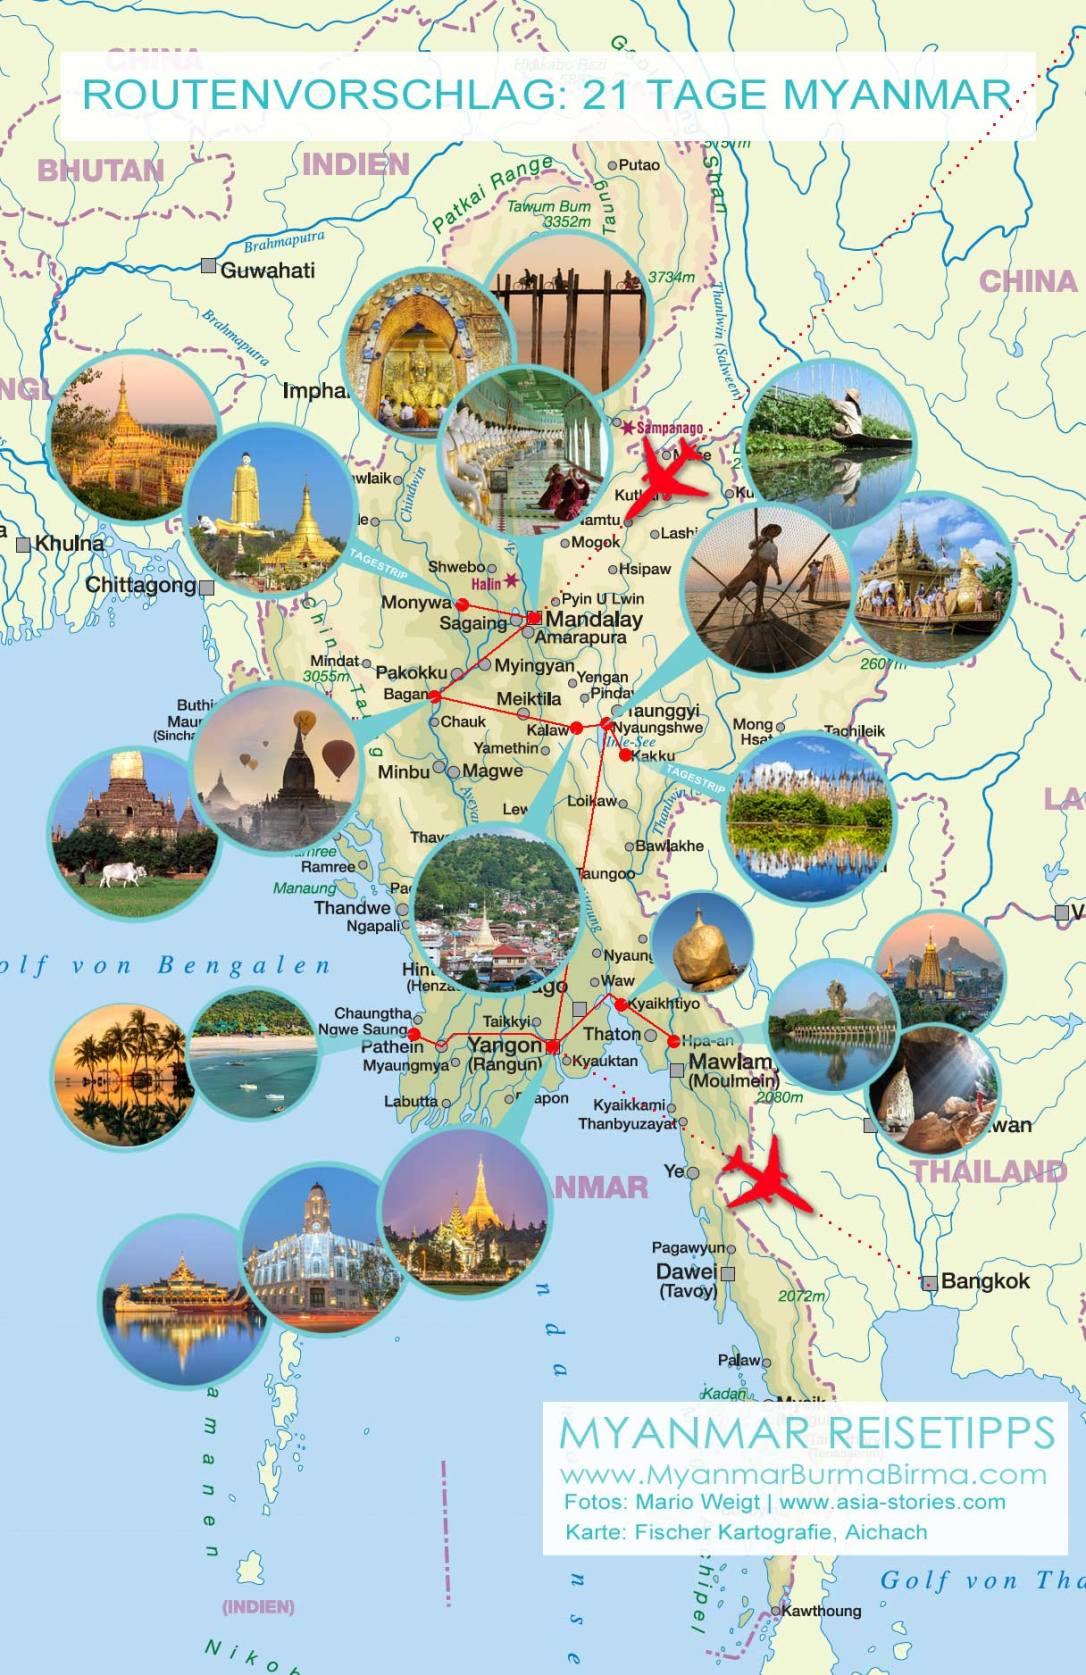 Karte mit Fotos für den Routenvorschlag: 21 Tage (3 Wochen) Myanmar von Mandalay nach Yangon